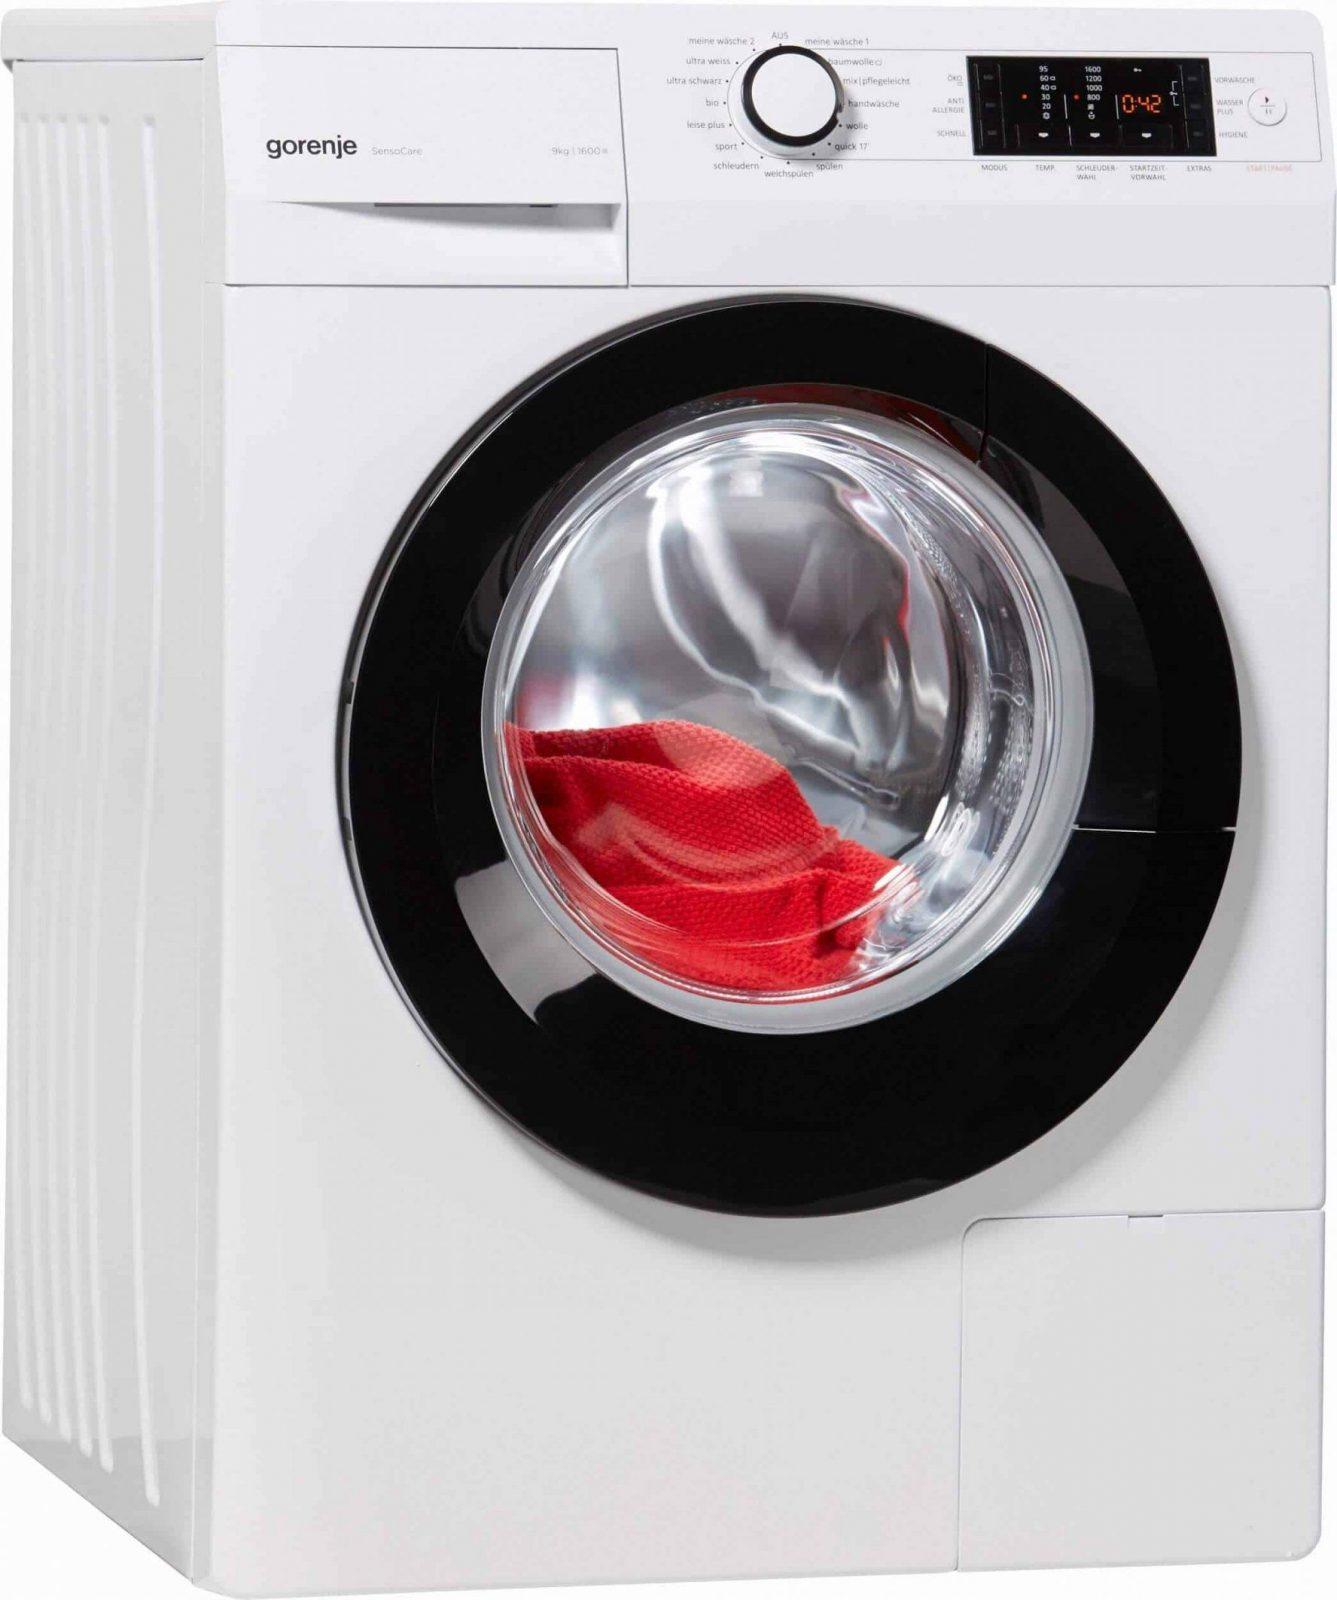 Gorenje Waschmaschine  Waschmaschine Günstig Kaufen von Gorenje W 6443 S Slim Bild